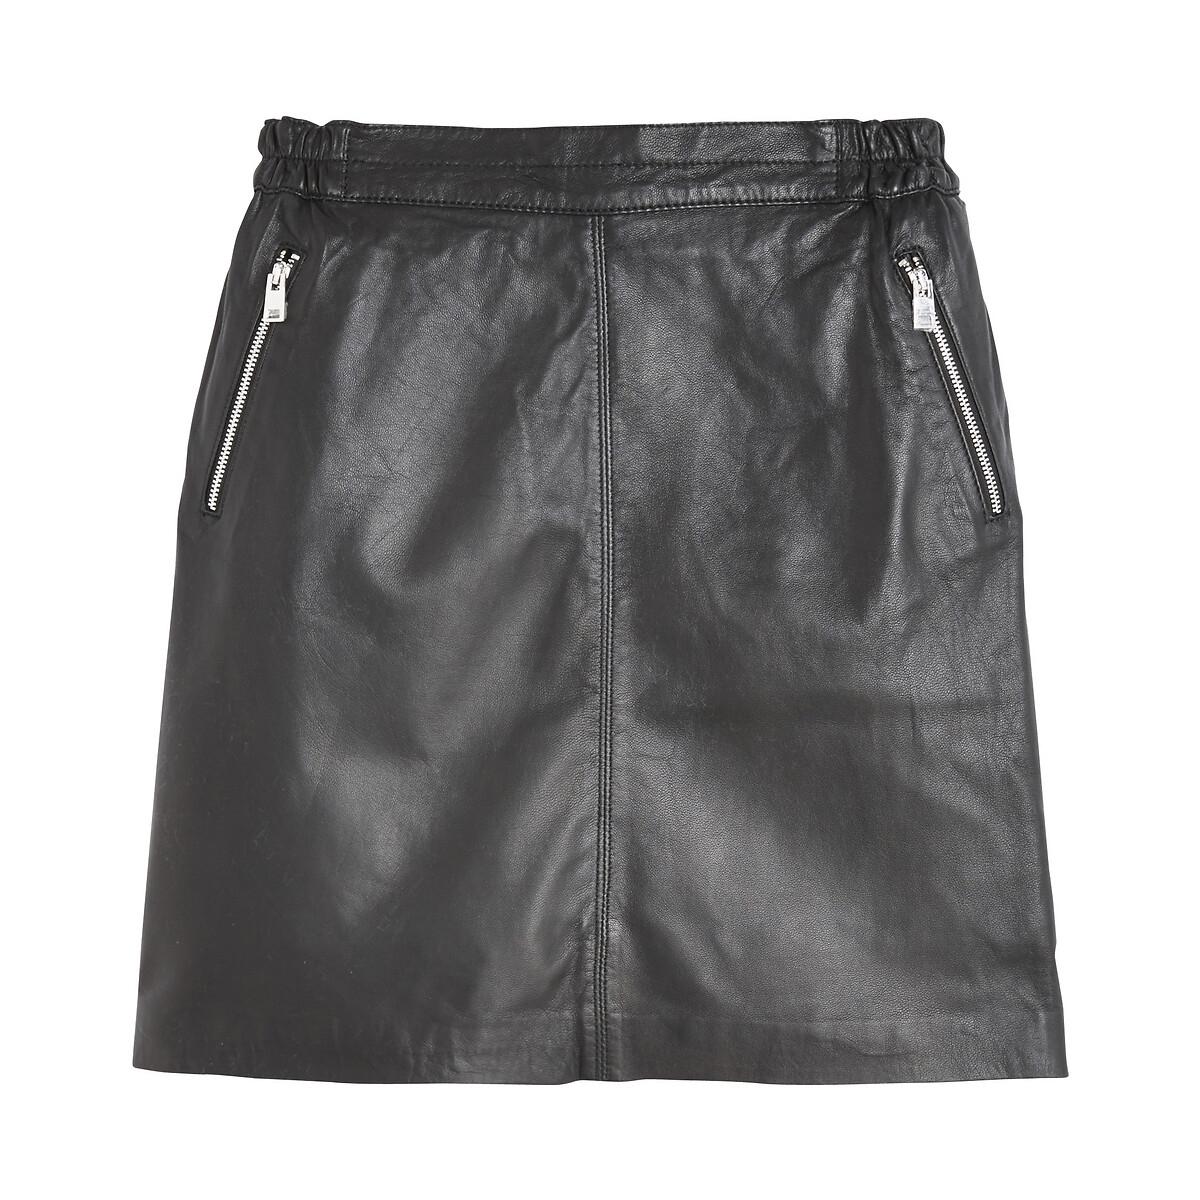 Юбка La Redoute Прямая короткая из кожи мутона STREET 38 (FR) - 44 (RUS) черный юбка la redoute короткая прямая из ткани с пропиткой 40 fr 46 rus черный